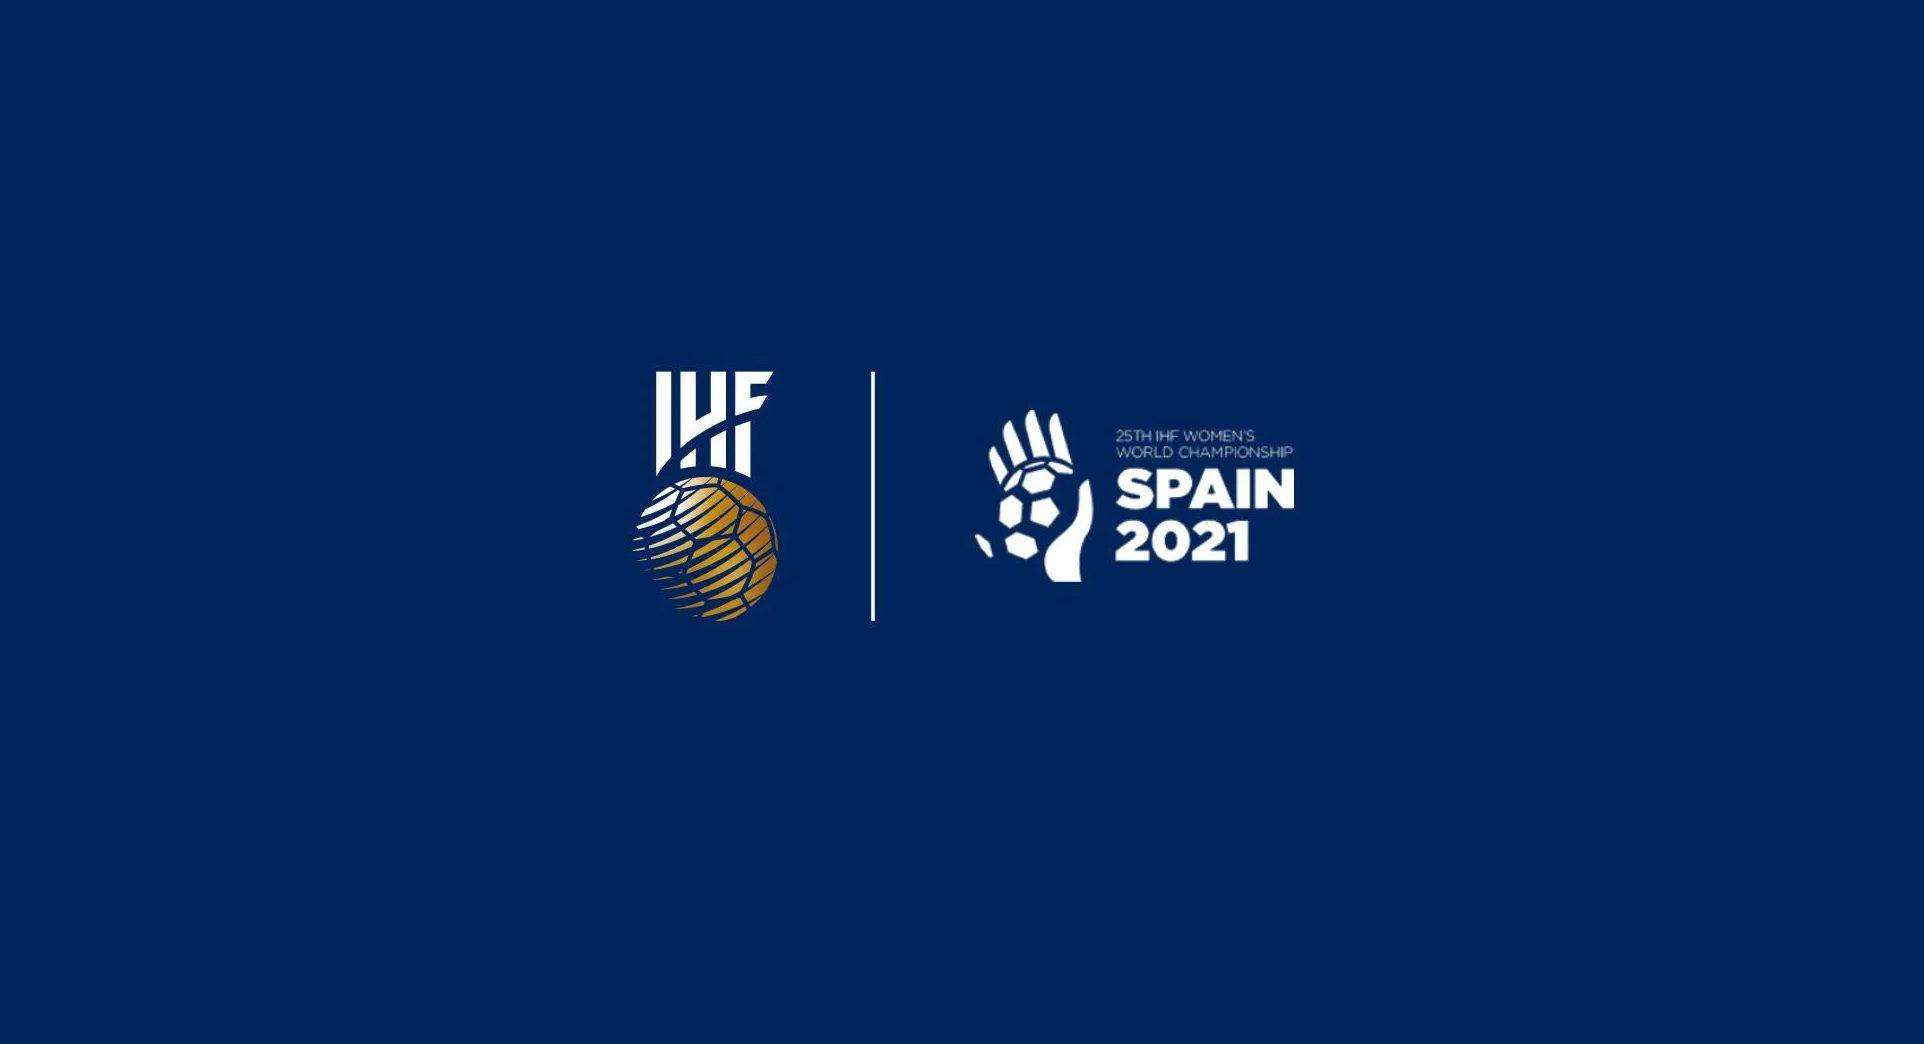 Oficjalna piłka Mistrzostw Świata kobiet w Hiszpanii